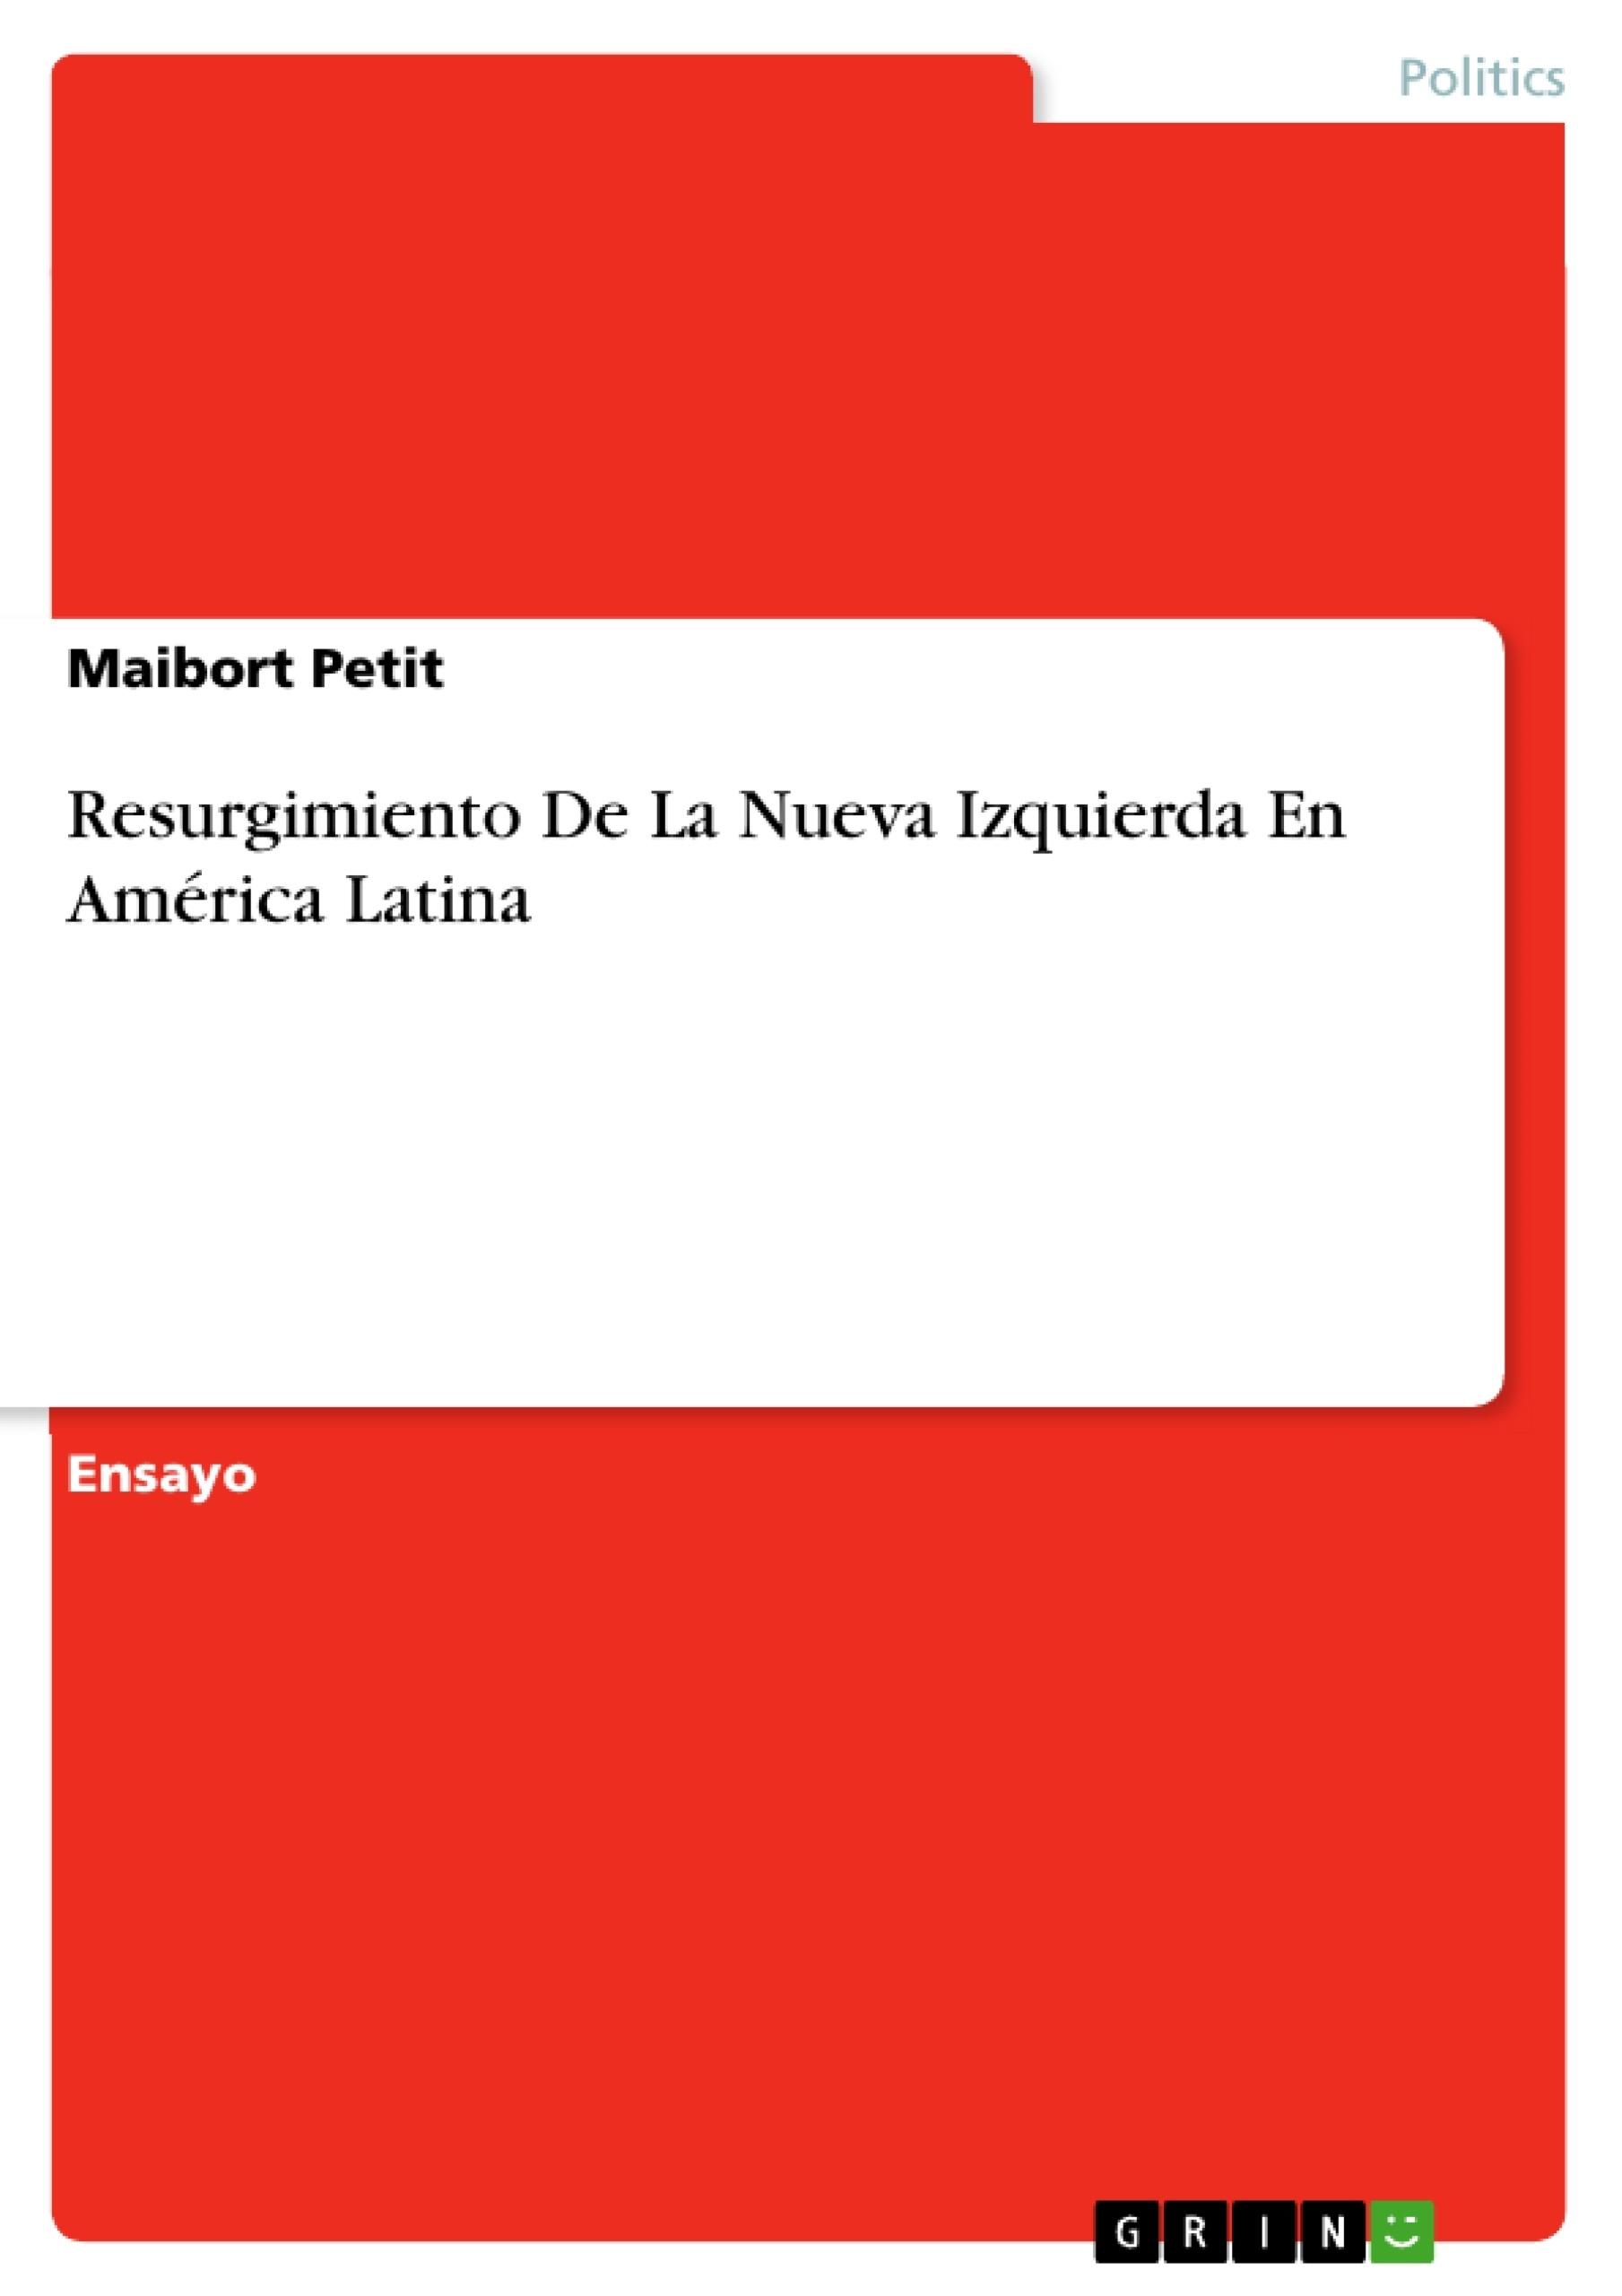 Título: Resurgimiento De La Nueva Izquierda En América Latina